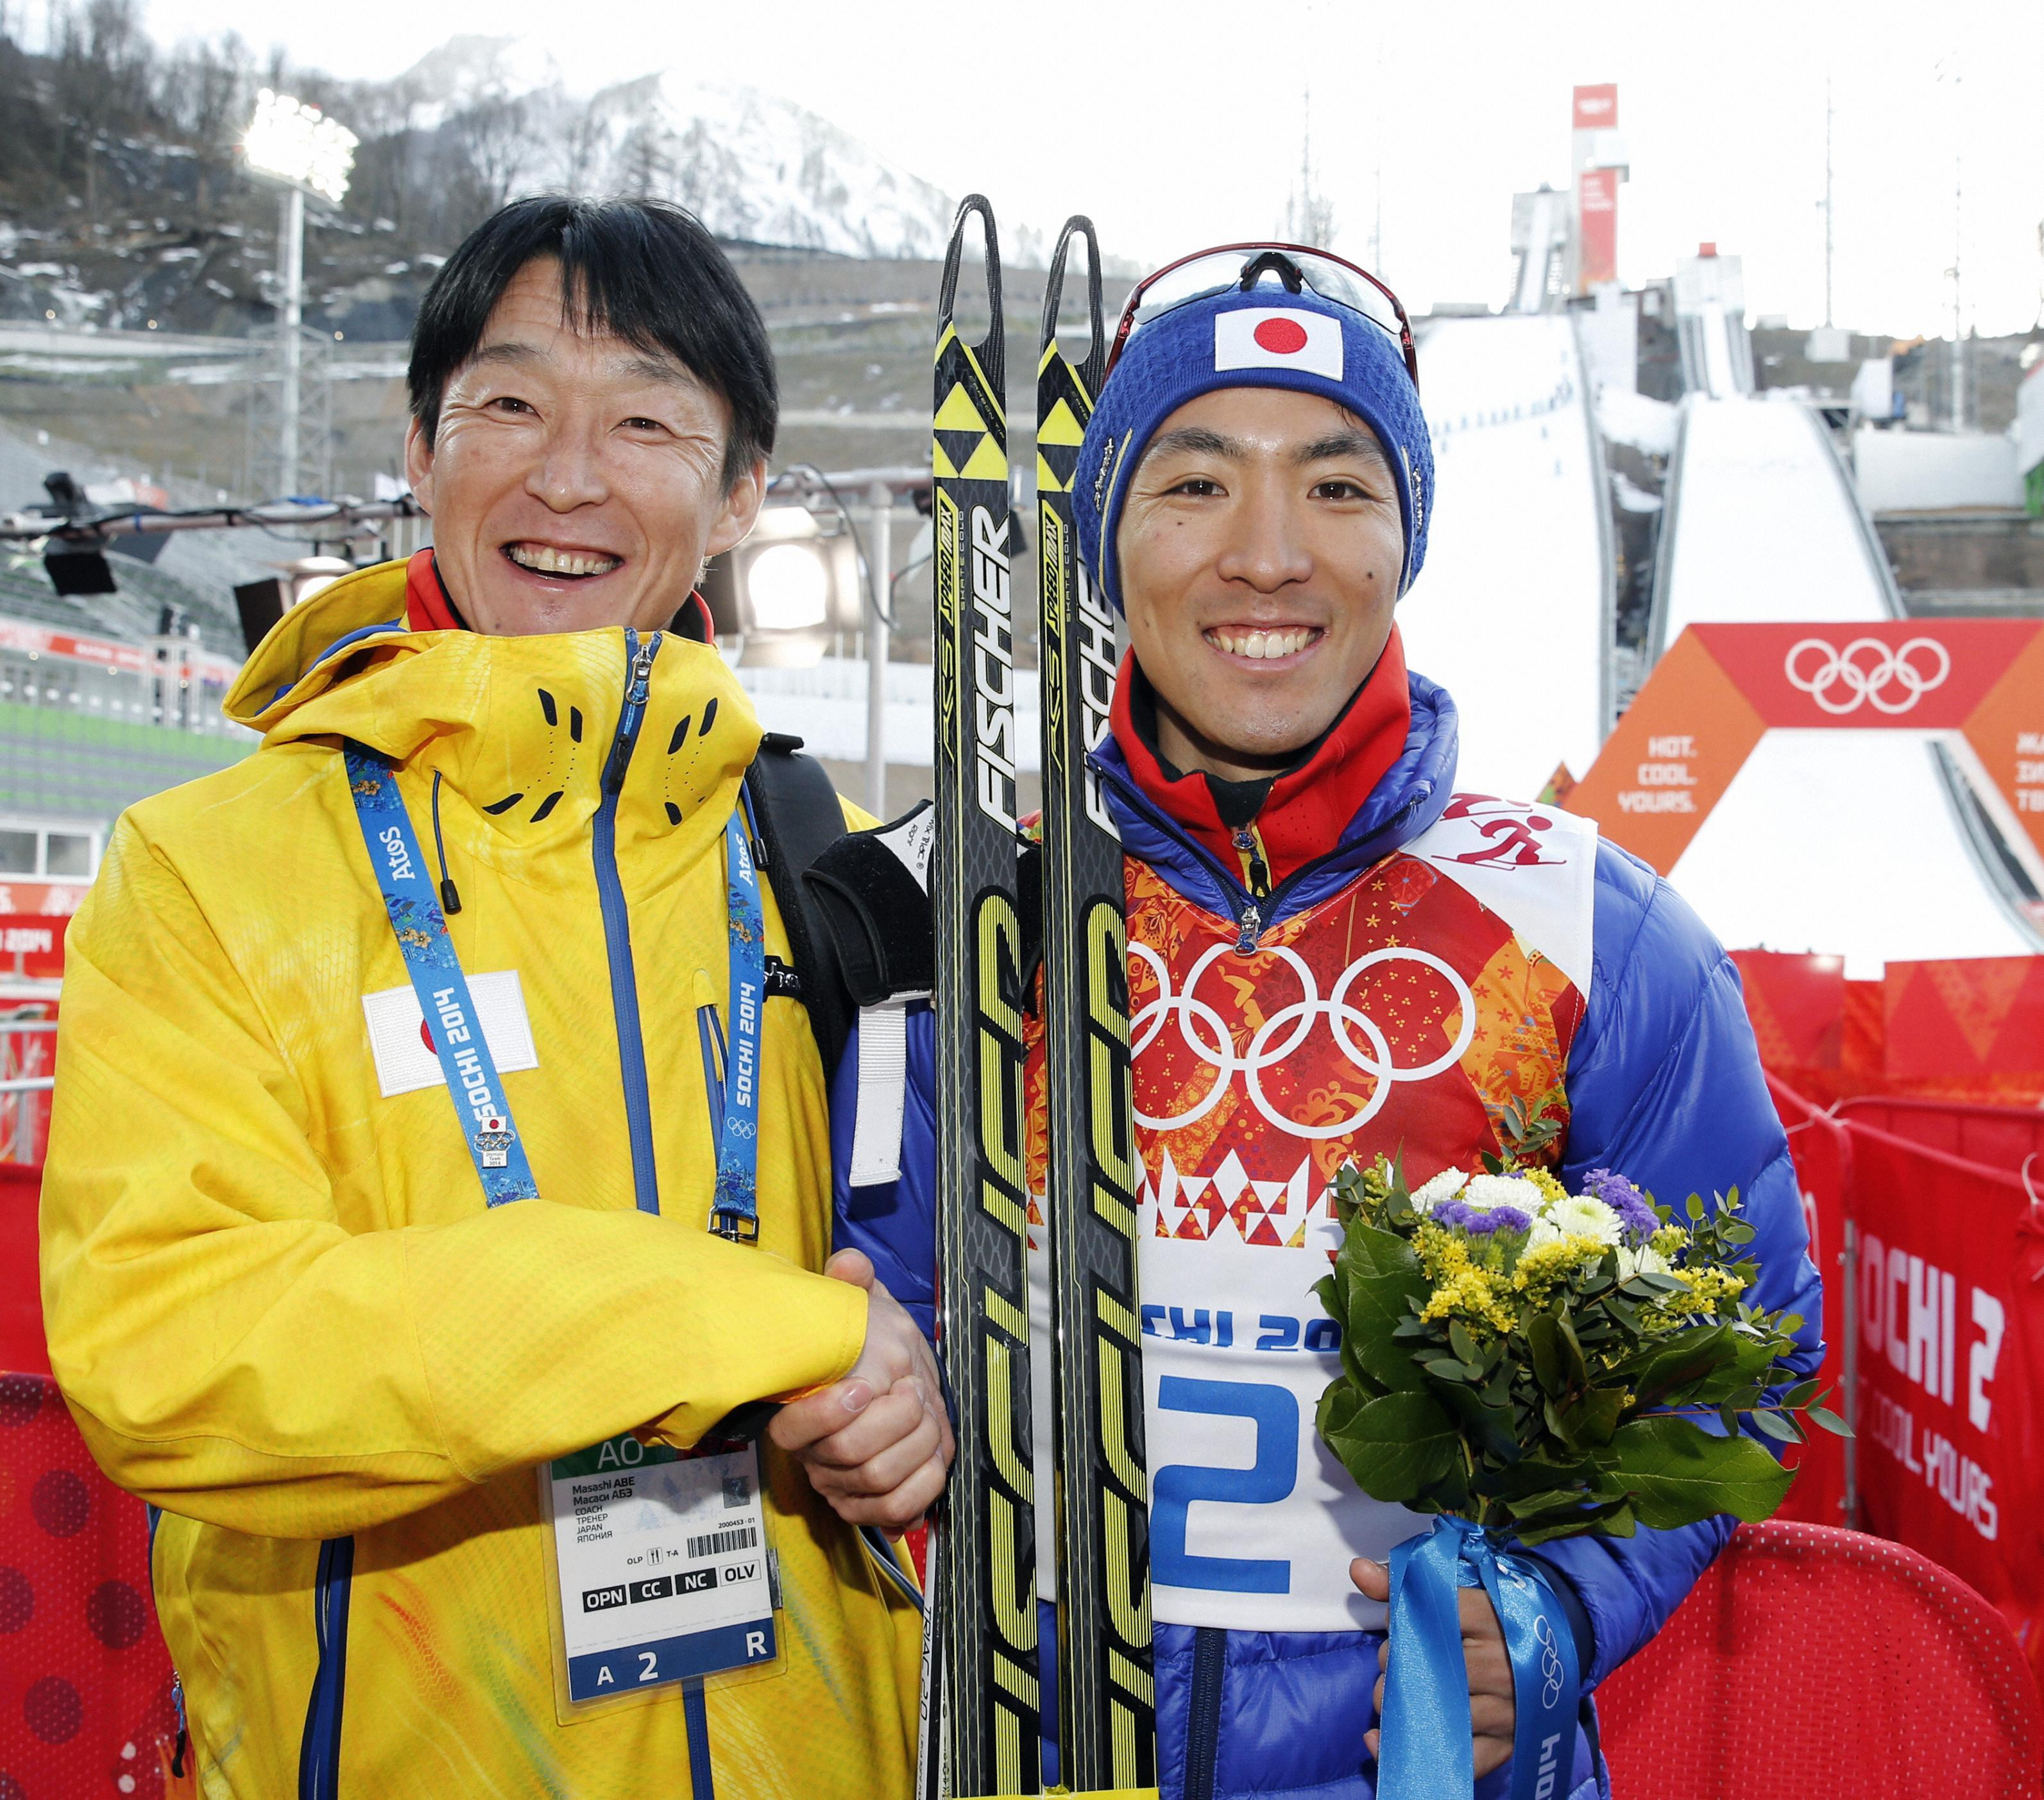 渡部暁斗、総合力の銀メダル 複合日本、20年ぶりの表彰台